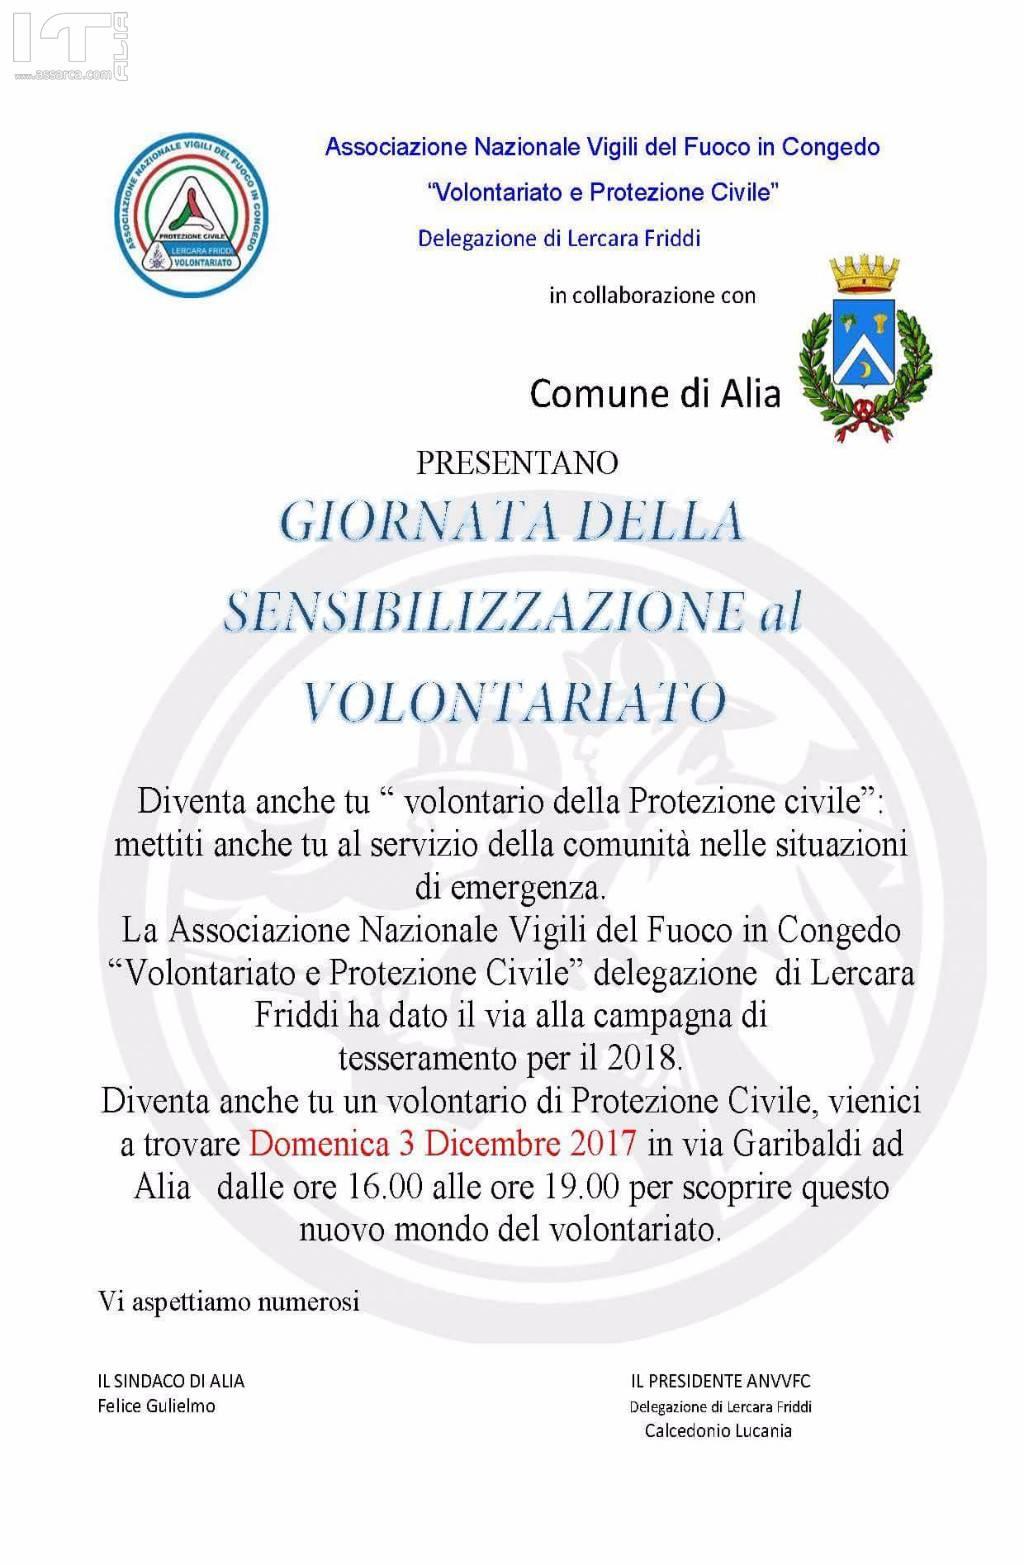 Volontariato e protezione civile